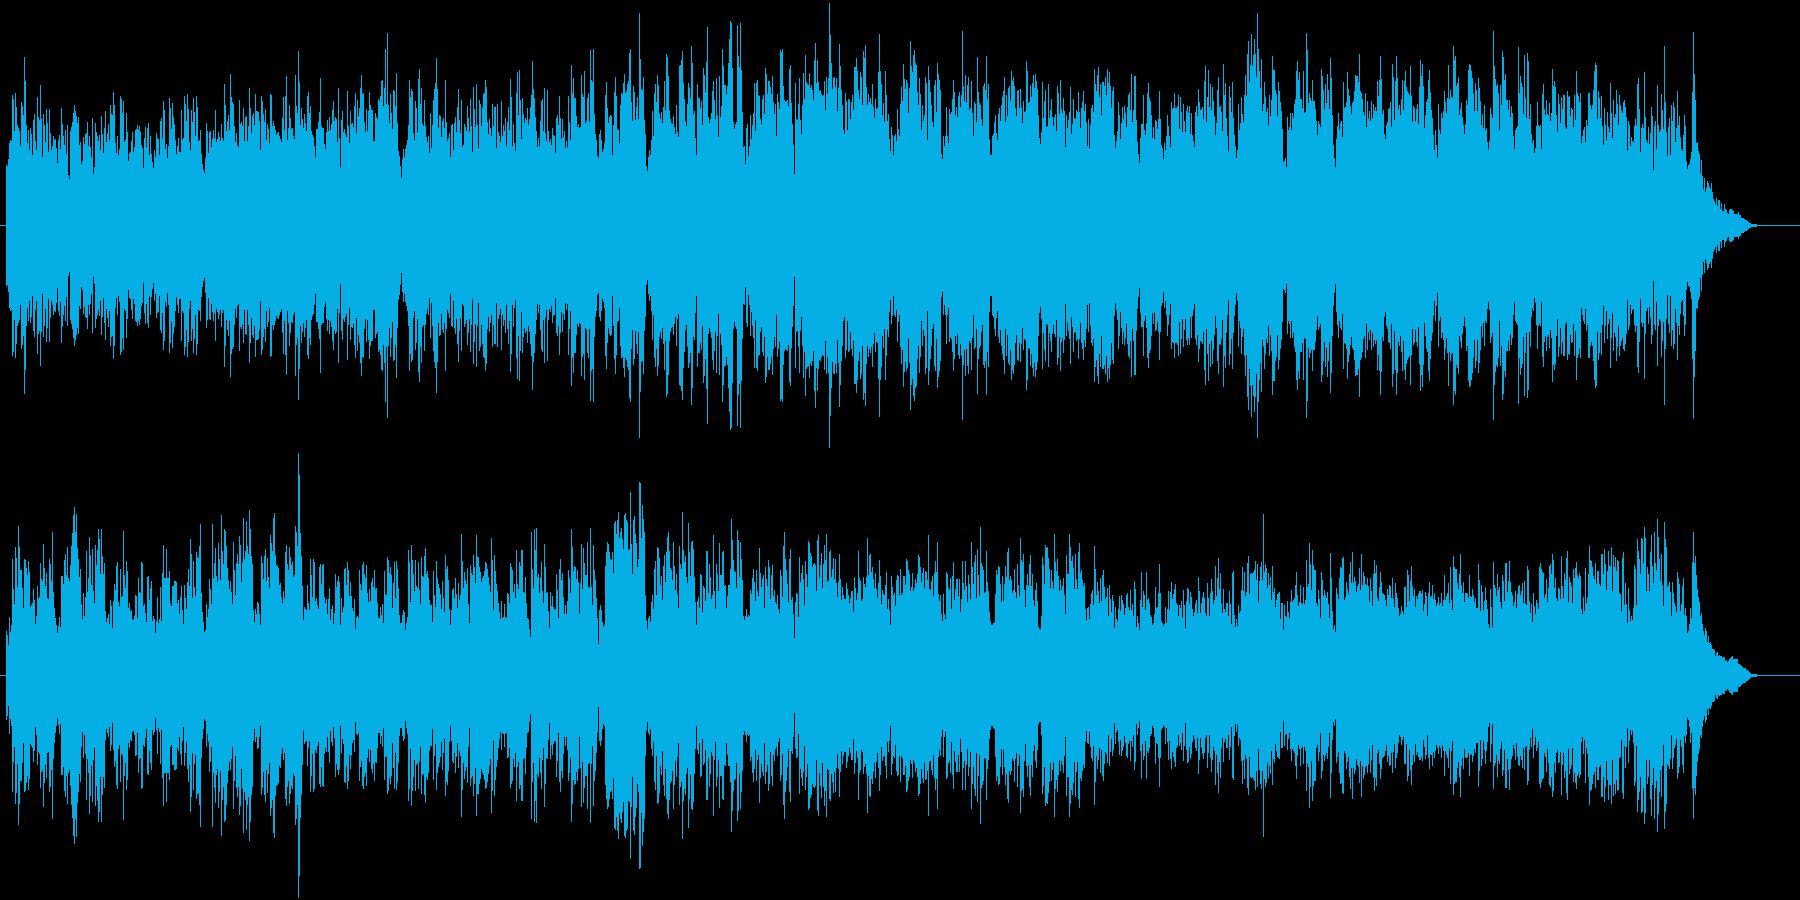 アベマリアをピアノとシンセボイスでの再生済みの波形